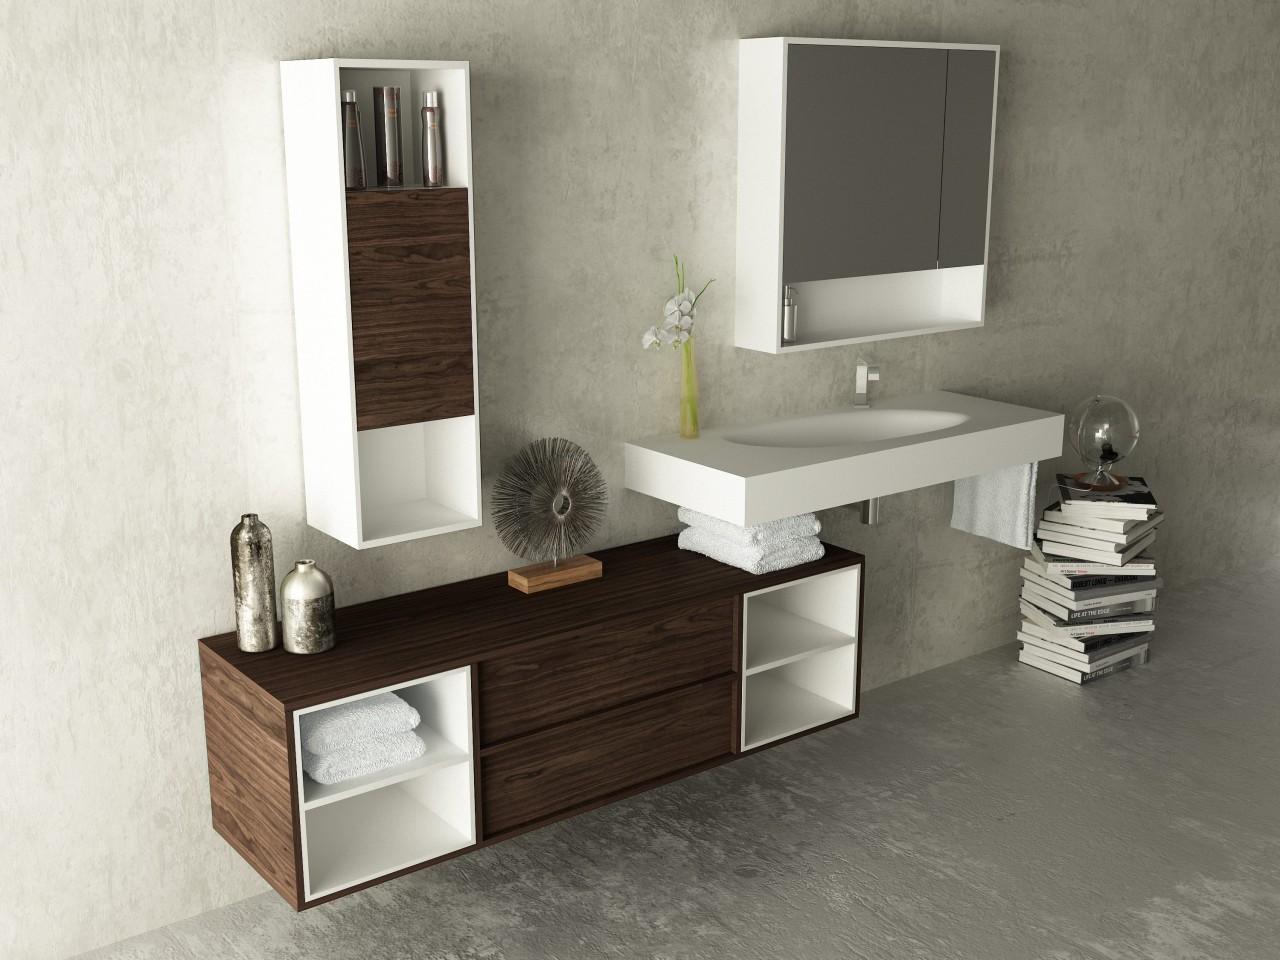 Sun mobiliario ba o ikebe fabrica de muebles de - Mobiliario bano ...